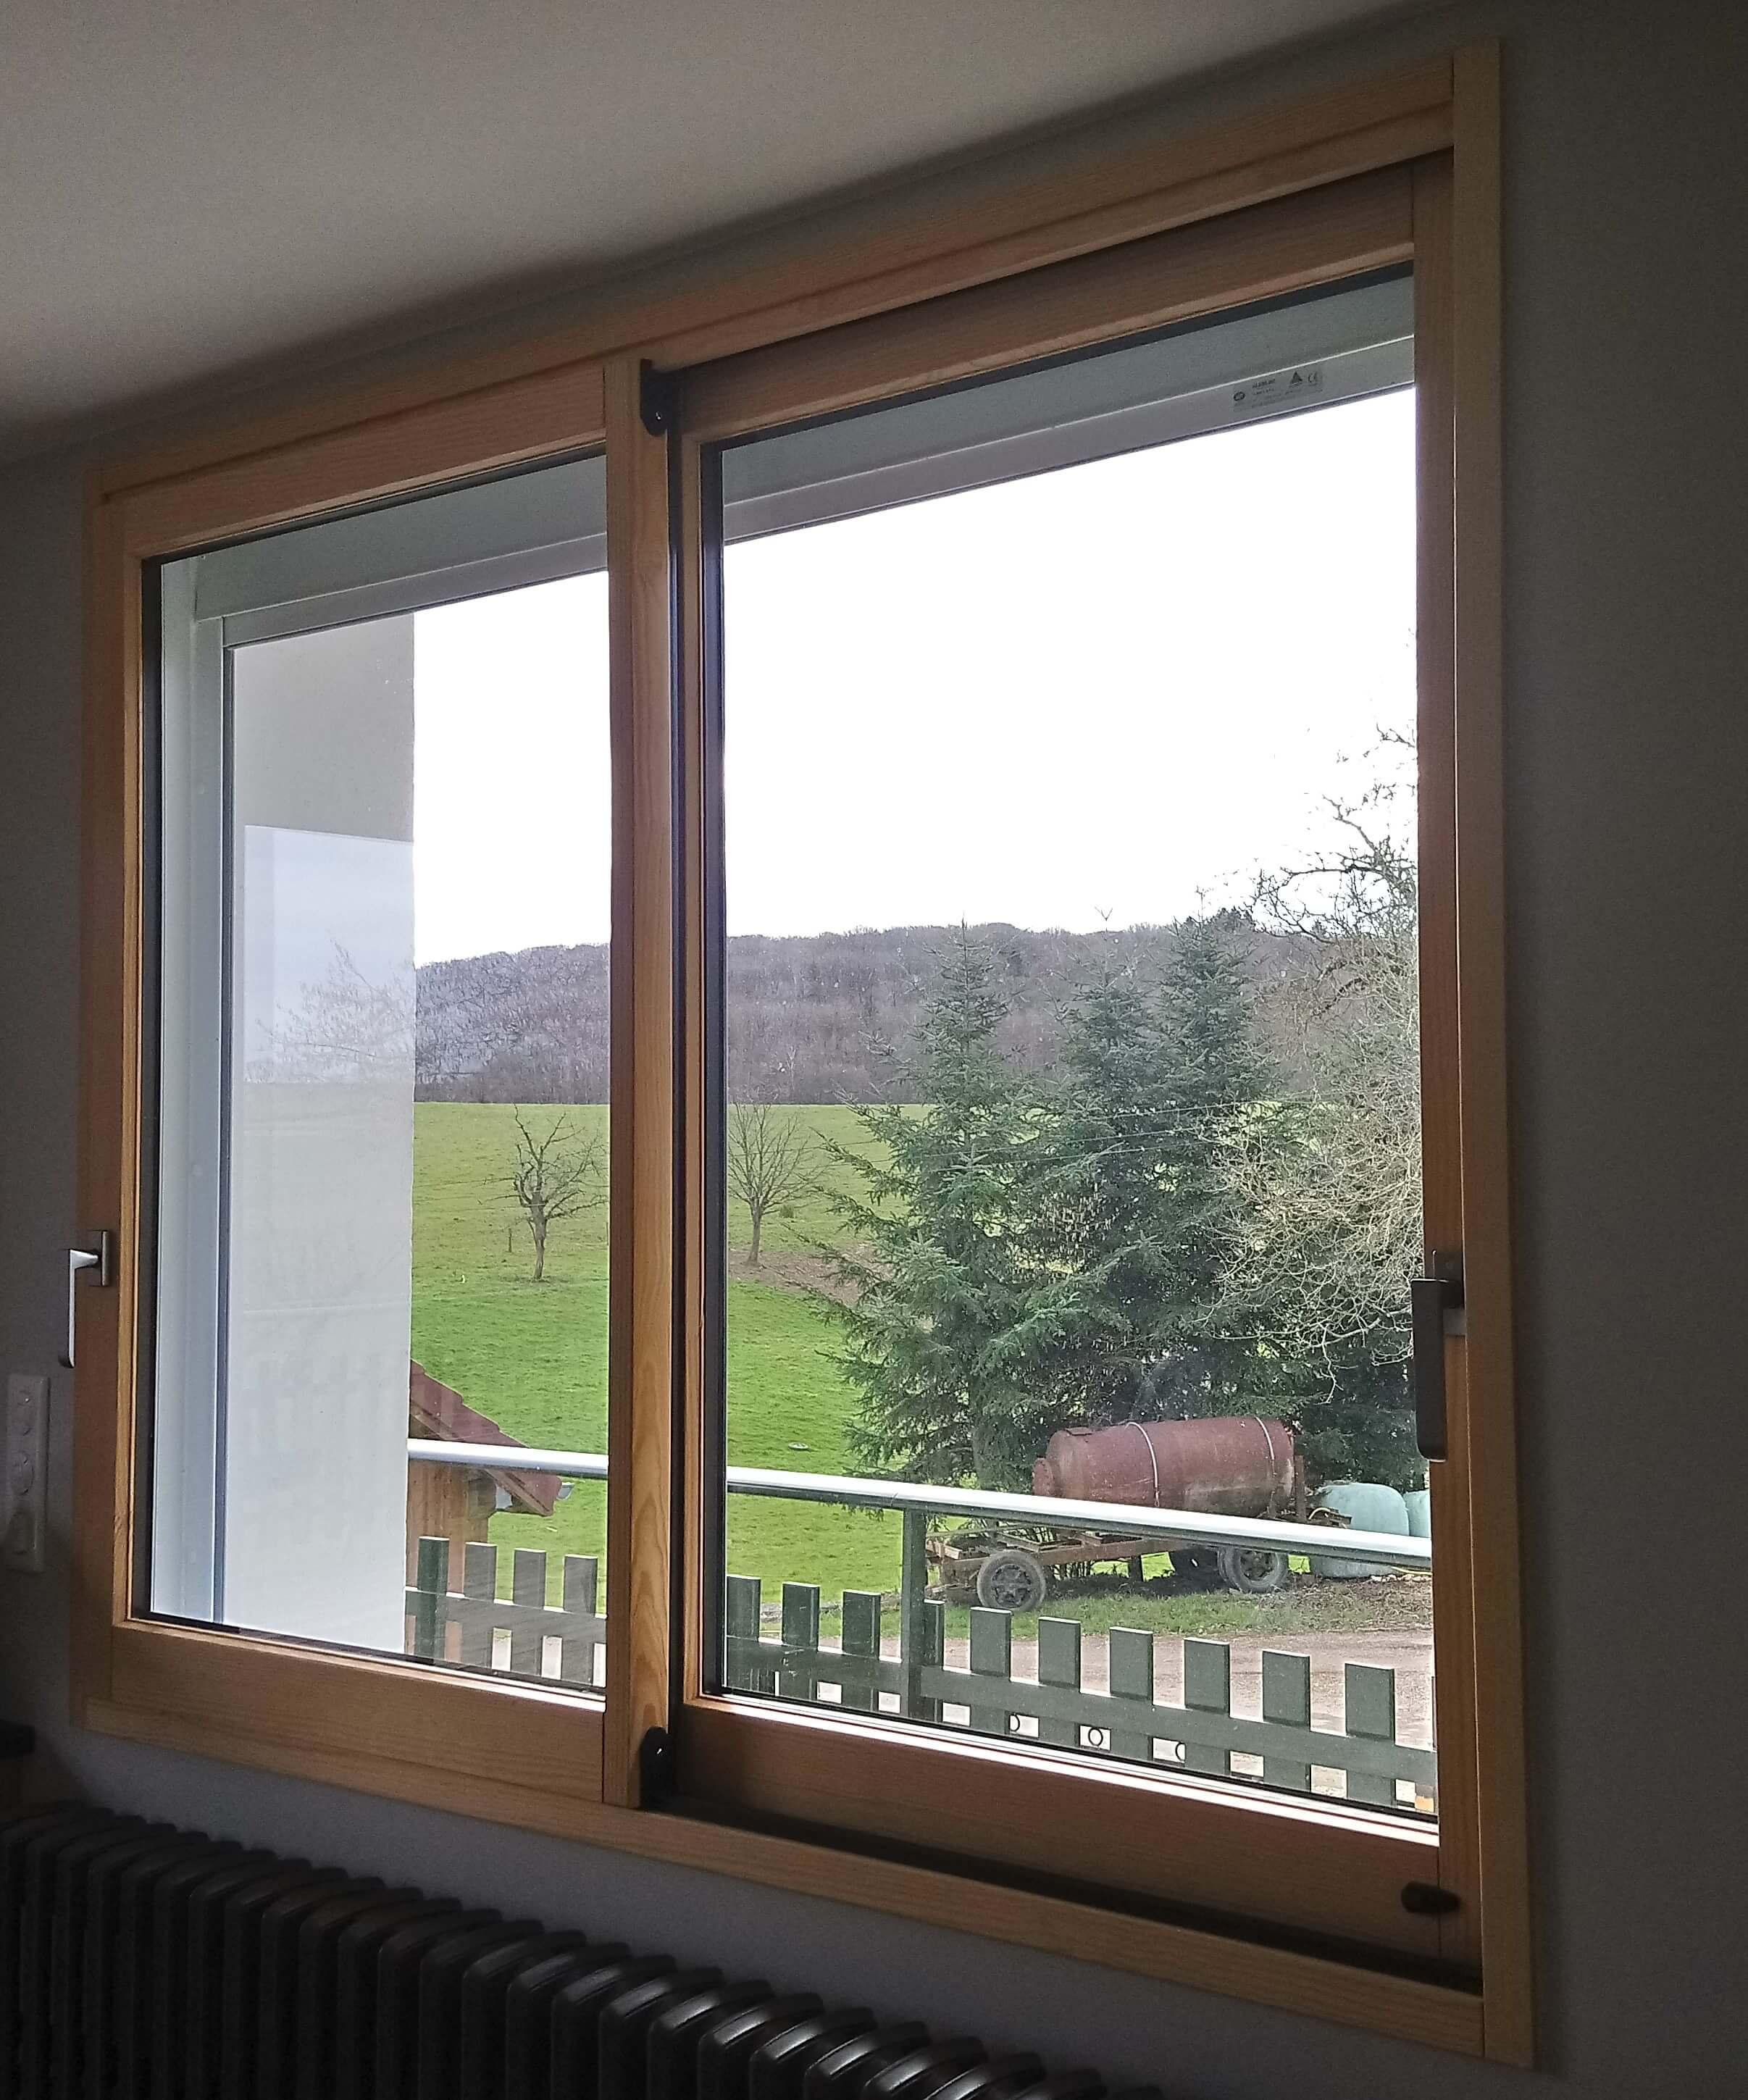 Menuiserie Figard - Fabrication sur mesure - Fenêtre coulissante - Bois-aluminium - Vesoul